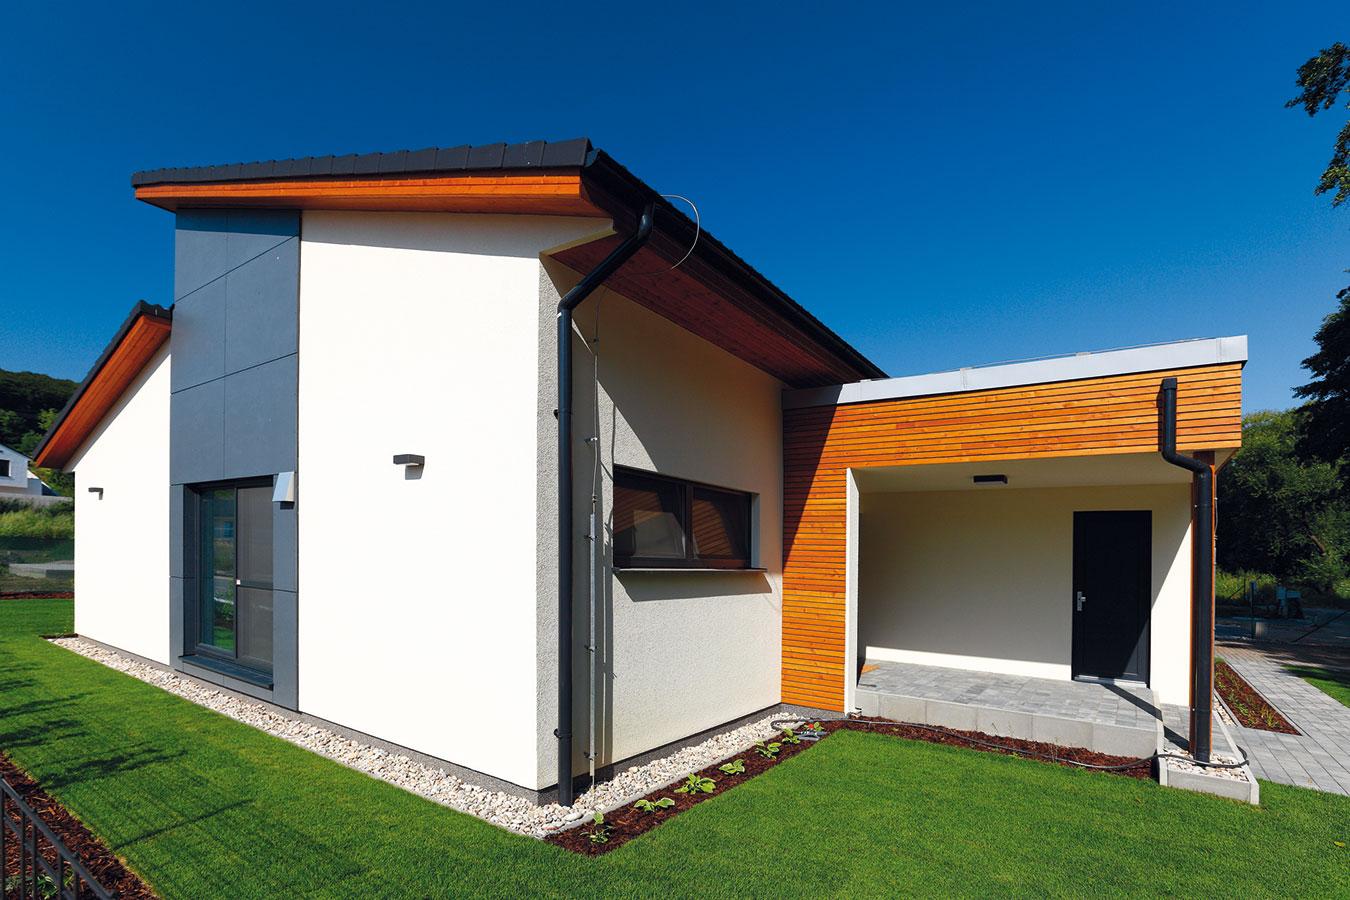 Do domu se vstupuje ze severu, zprostoru chráněného domem samotným díky jeho tvarování (podobně jako terasa na jeho opačném konci).